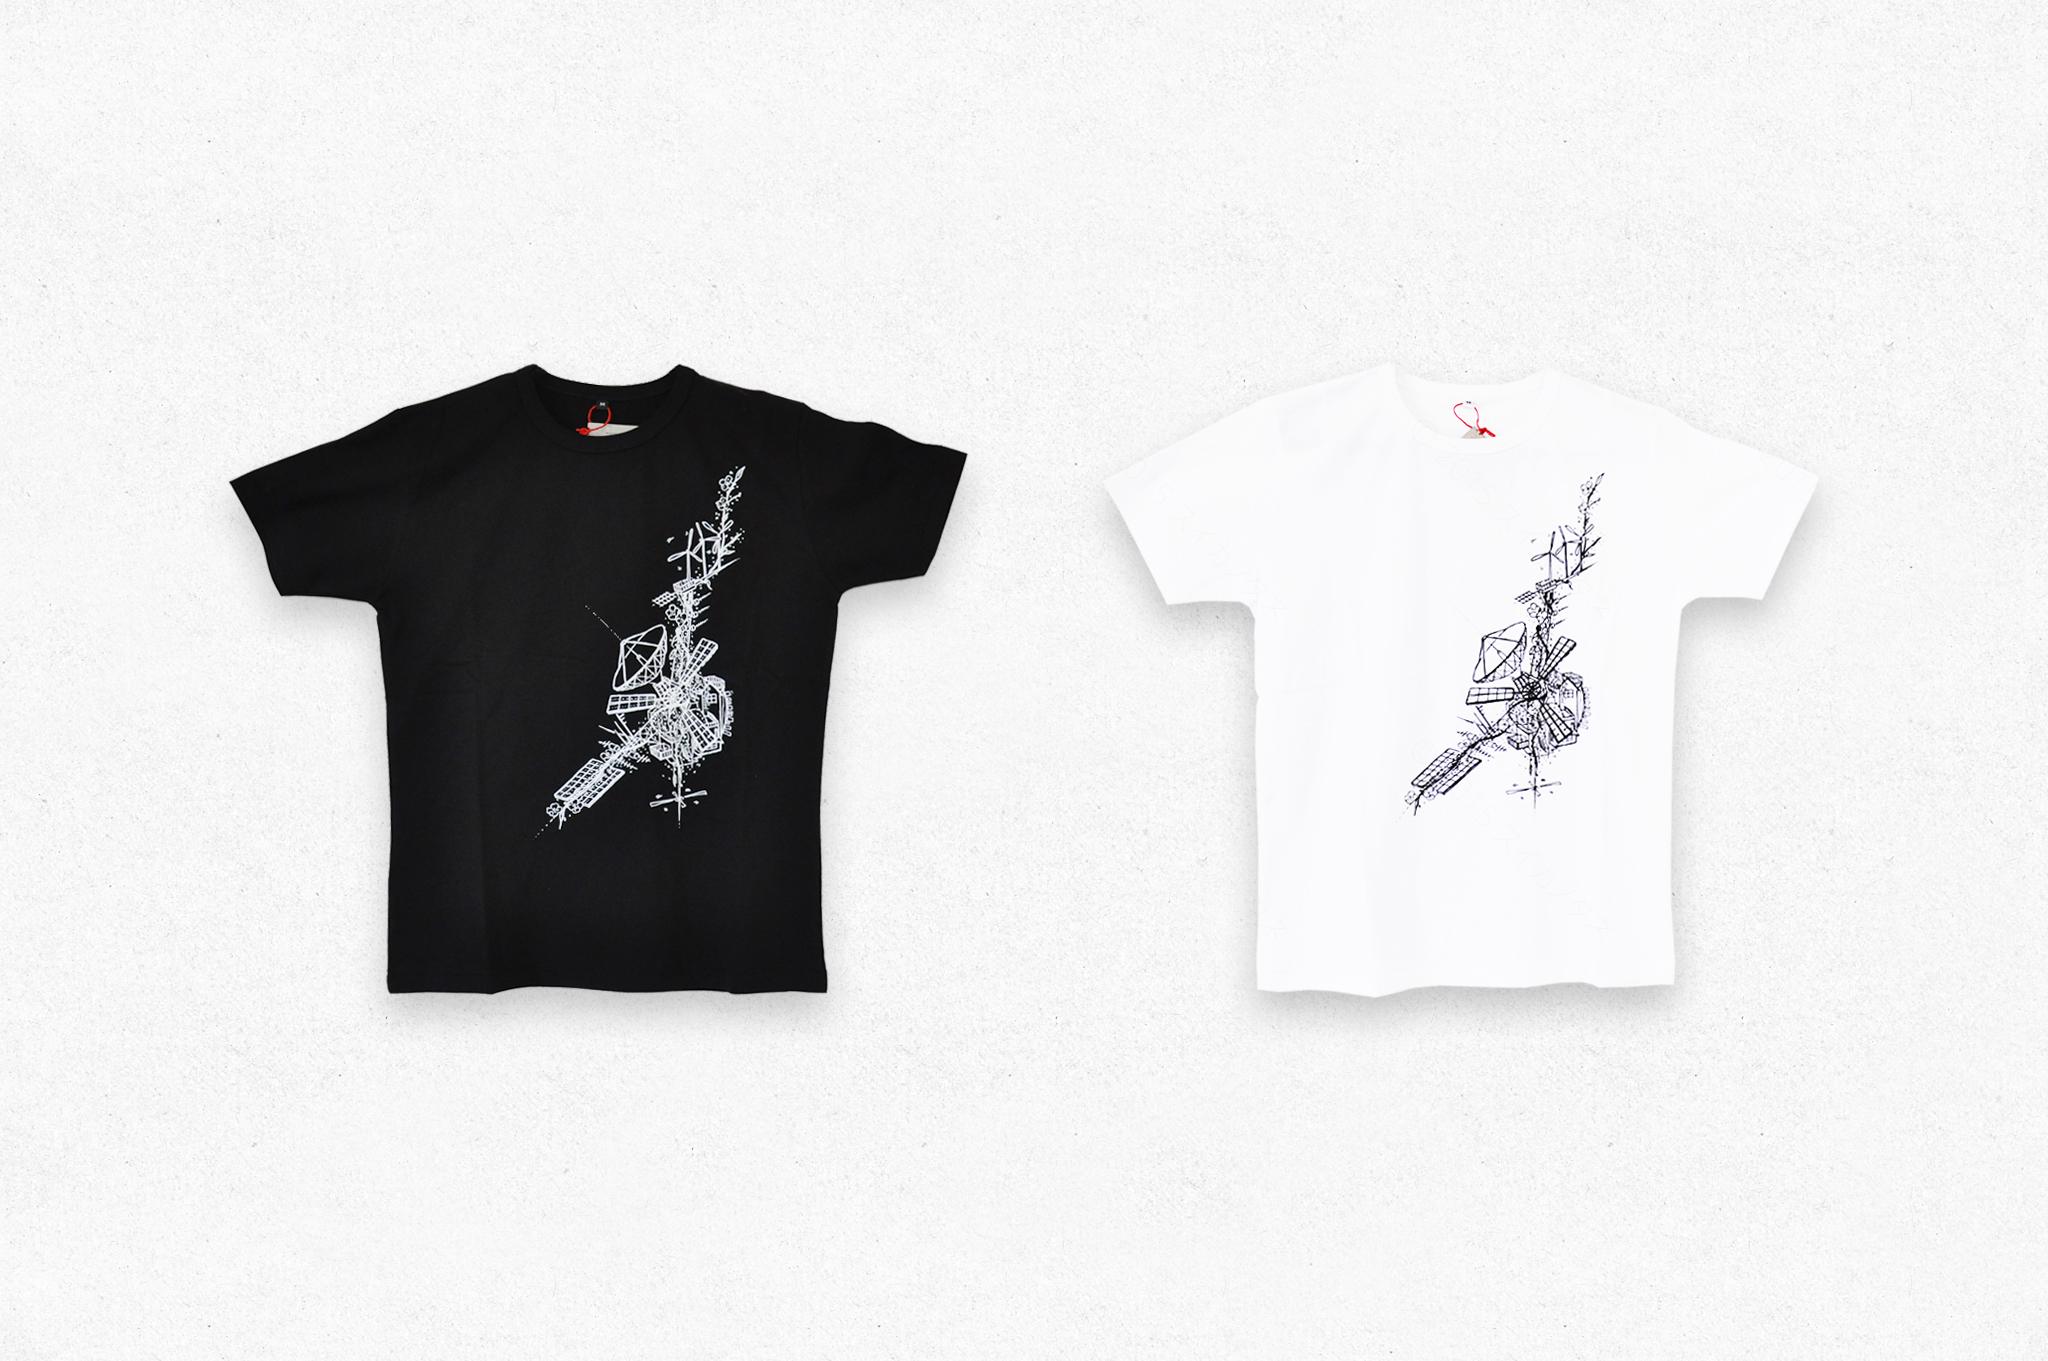 T-shirtのグラフィックのデザイン